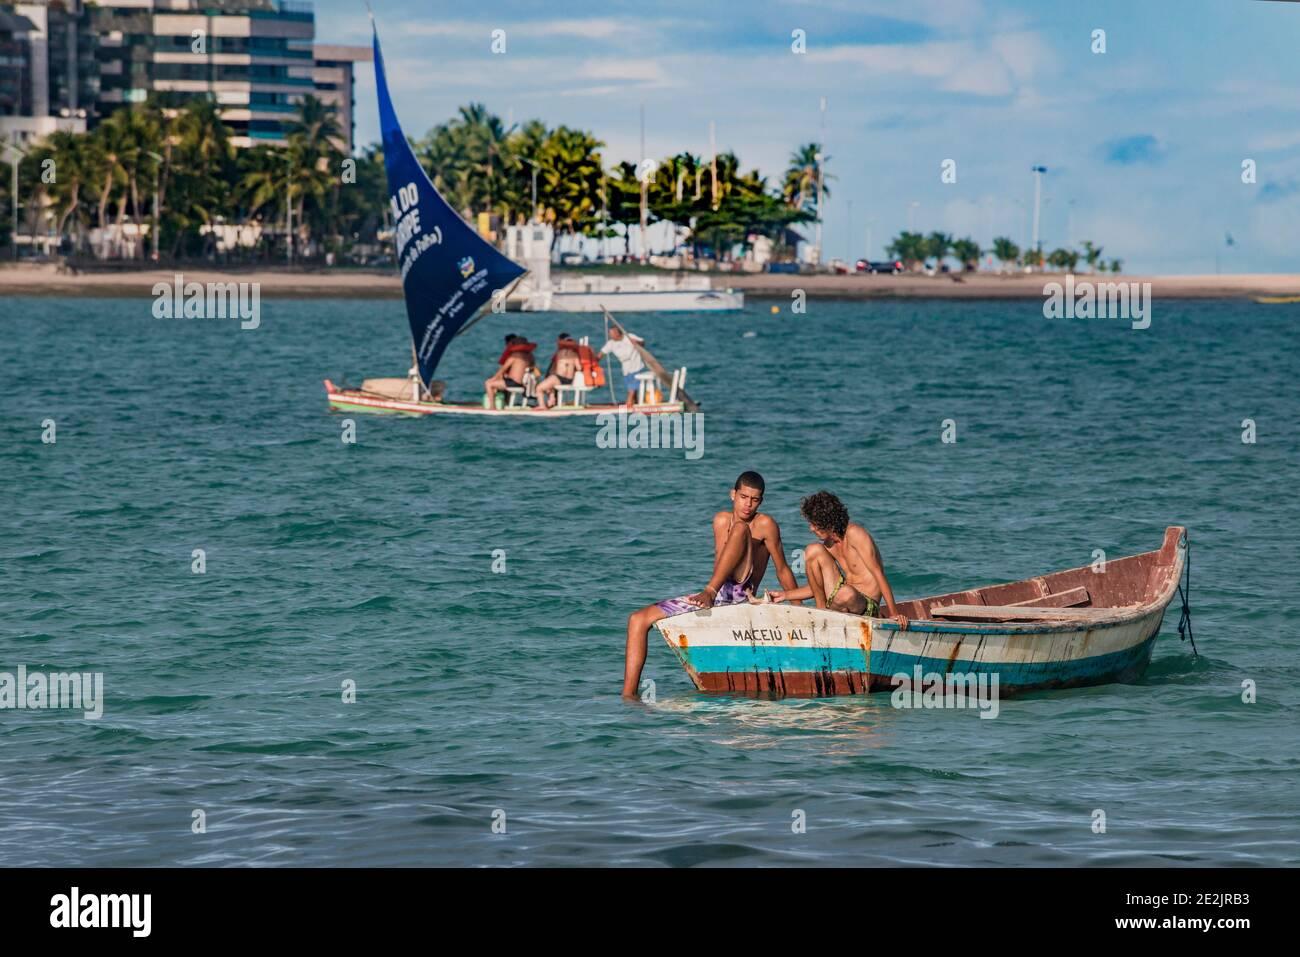 Beaches of Maceió, Alagoas, Brazil Stock Photo